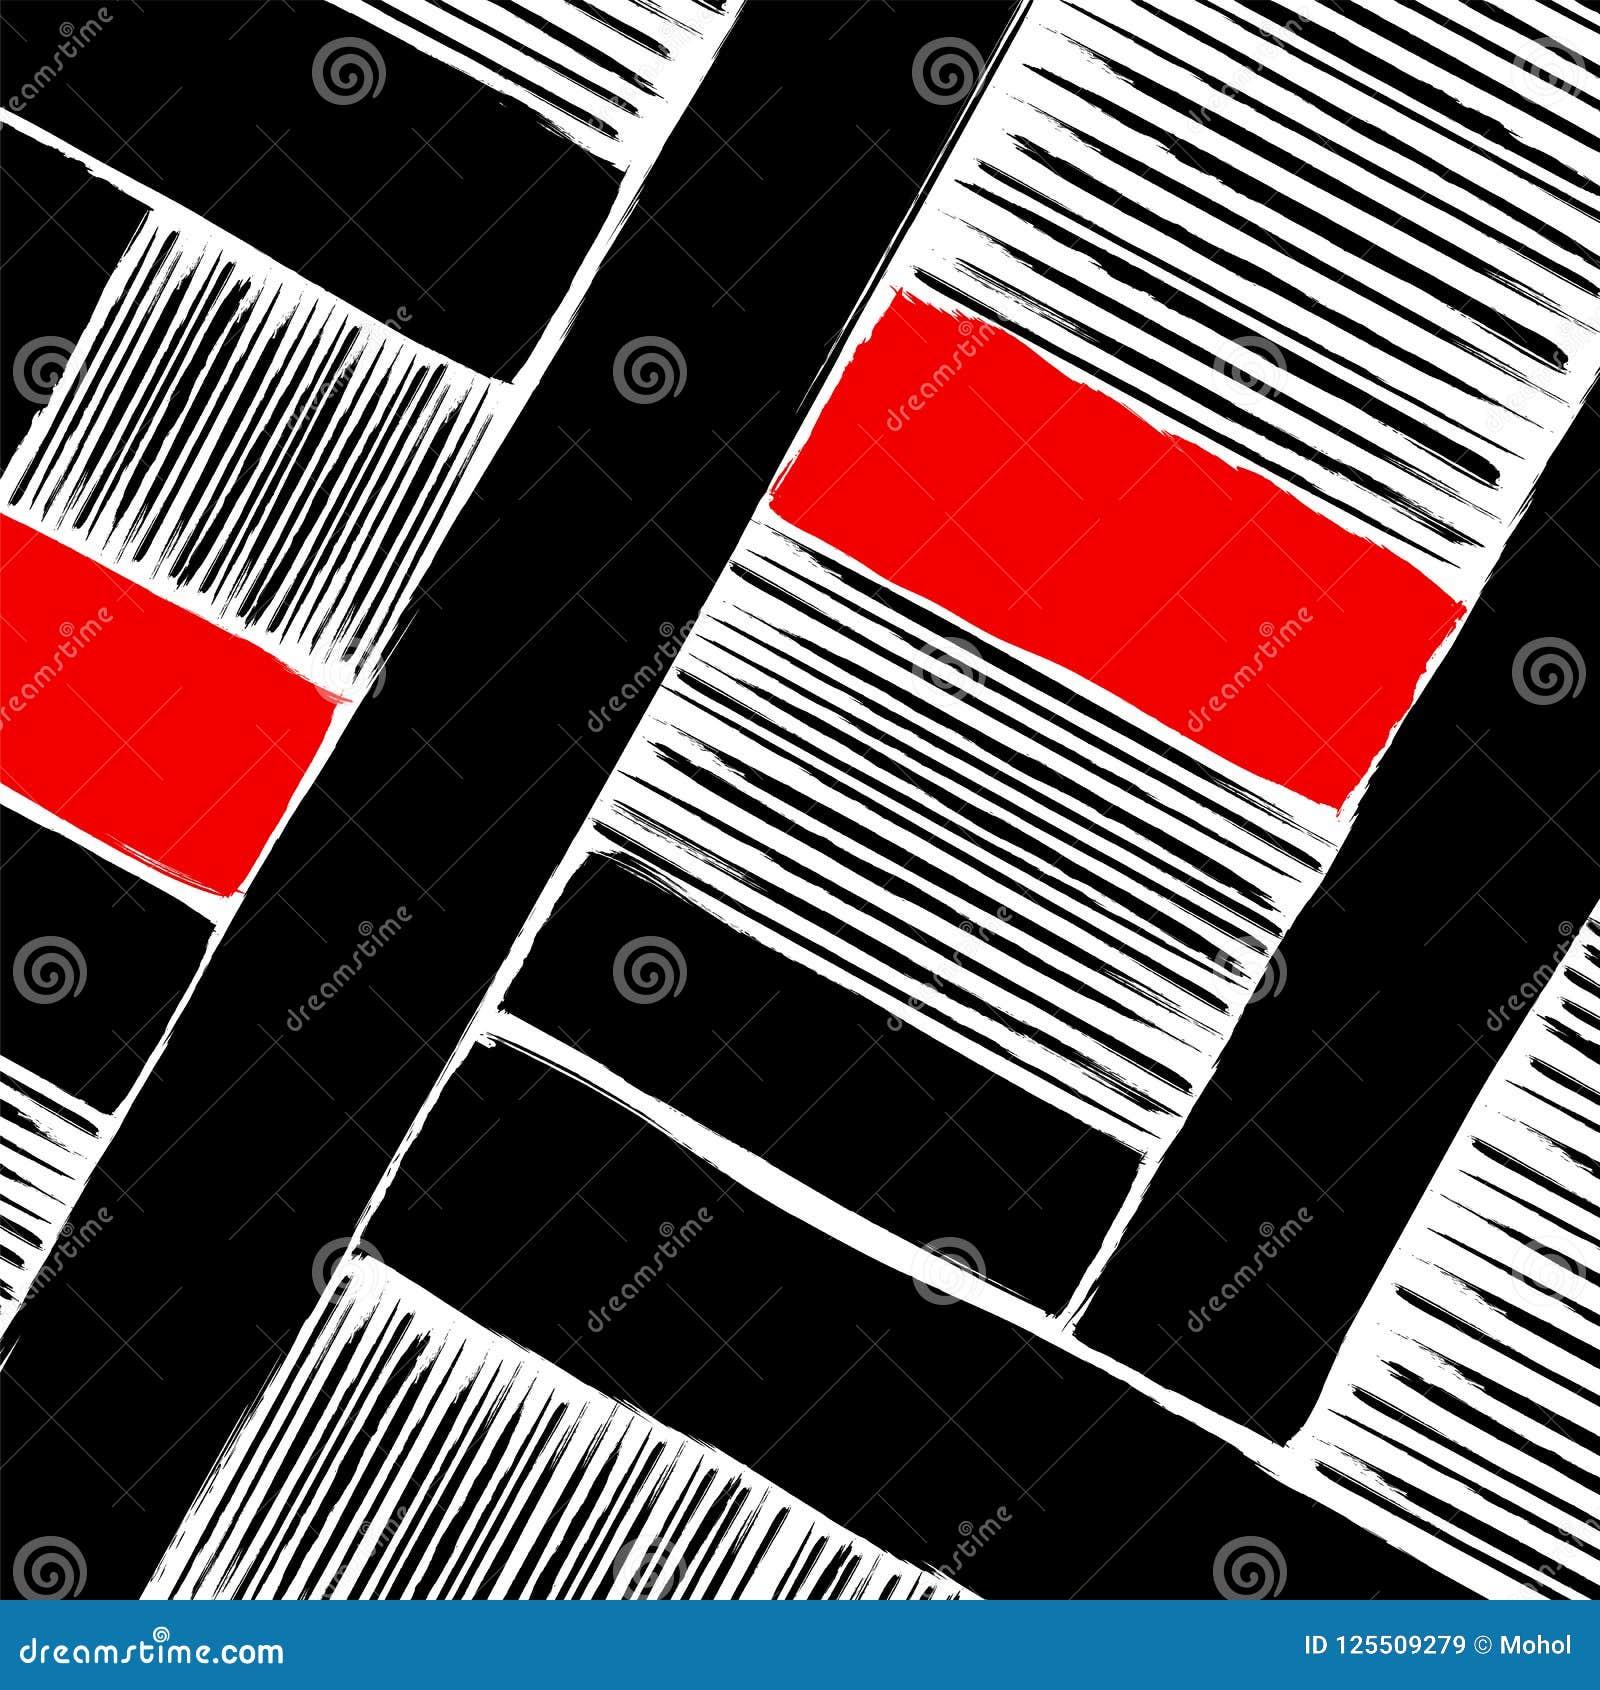 Ilustraciones, movimientos y líneas geométricos abstractos